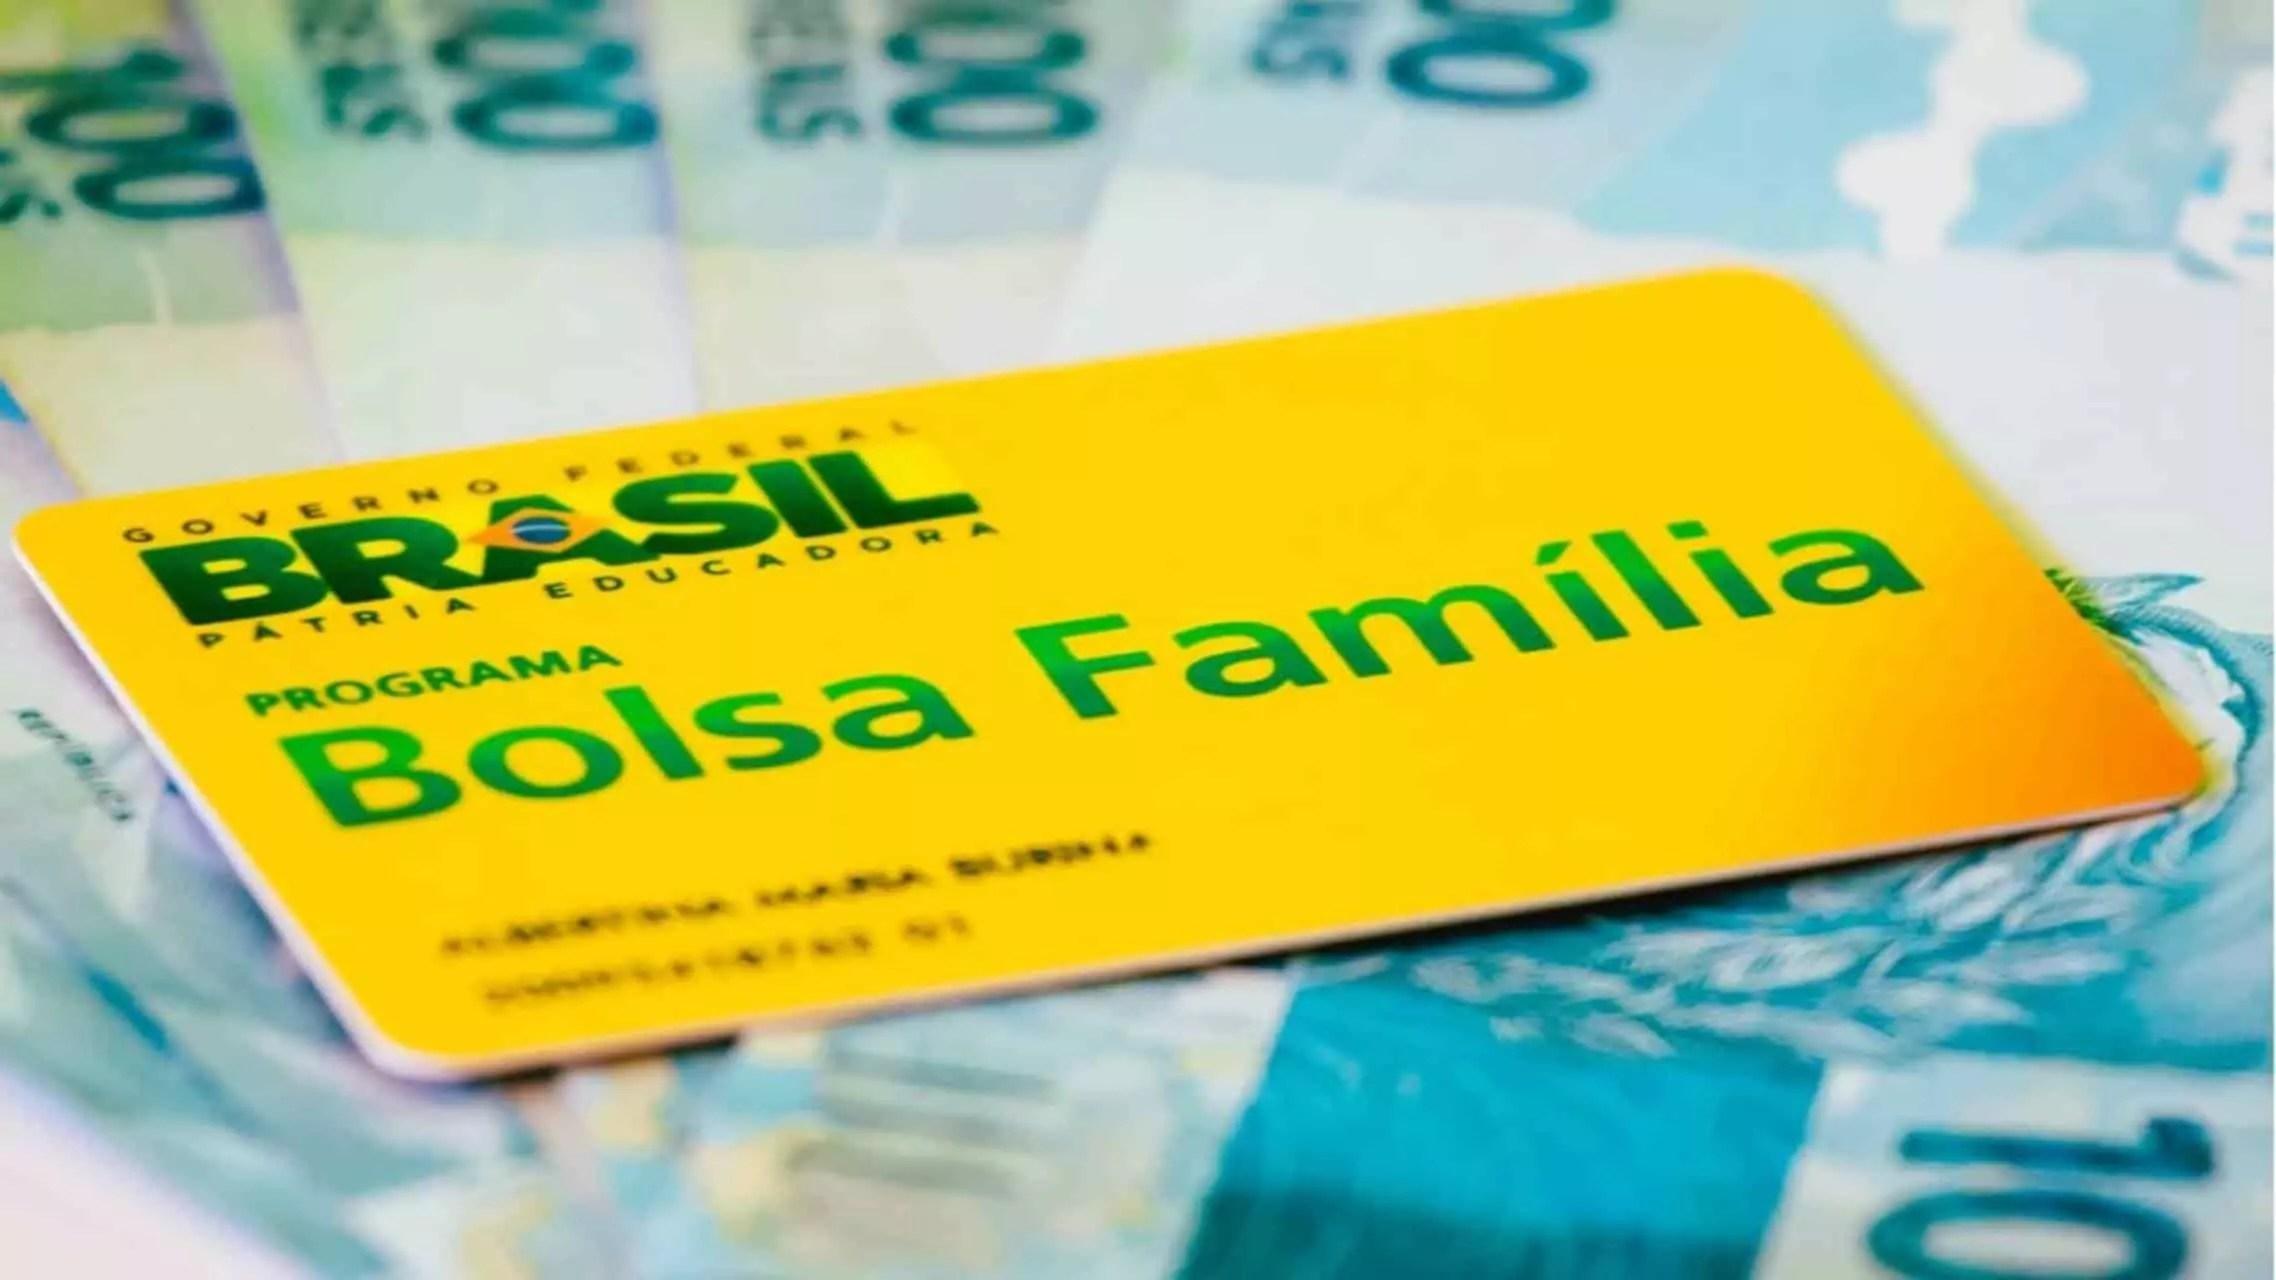 Irregularidades Bolsa Família